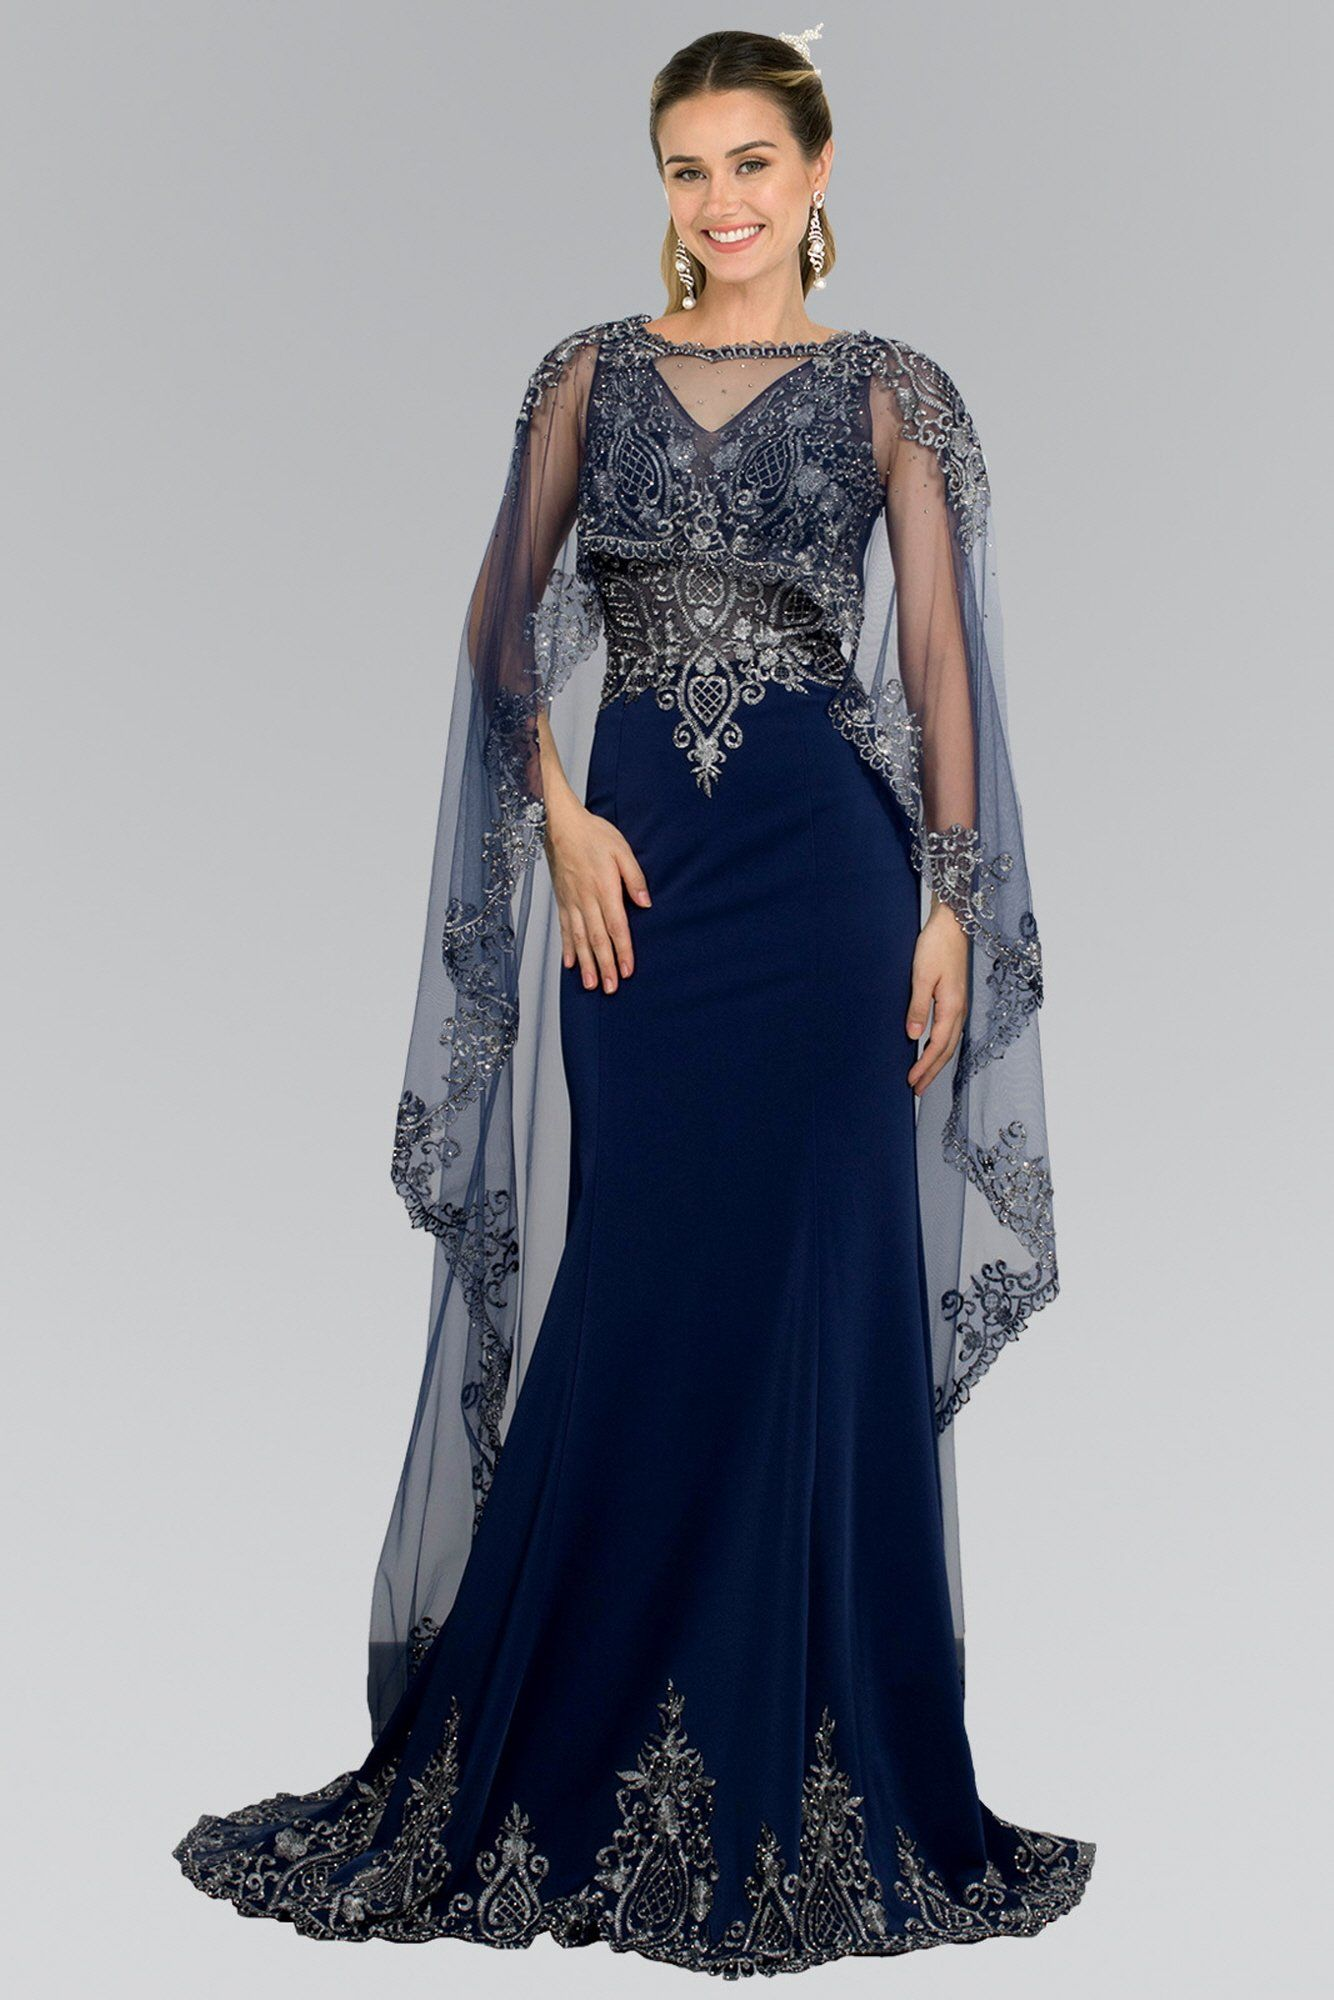 Long Evening Gown Prom Cape Dress  Vestidos glamourosos, Vestidos